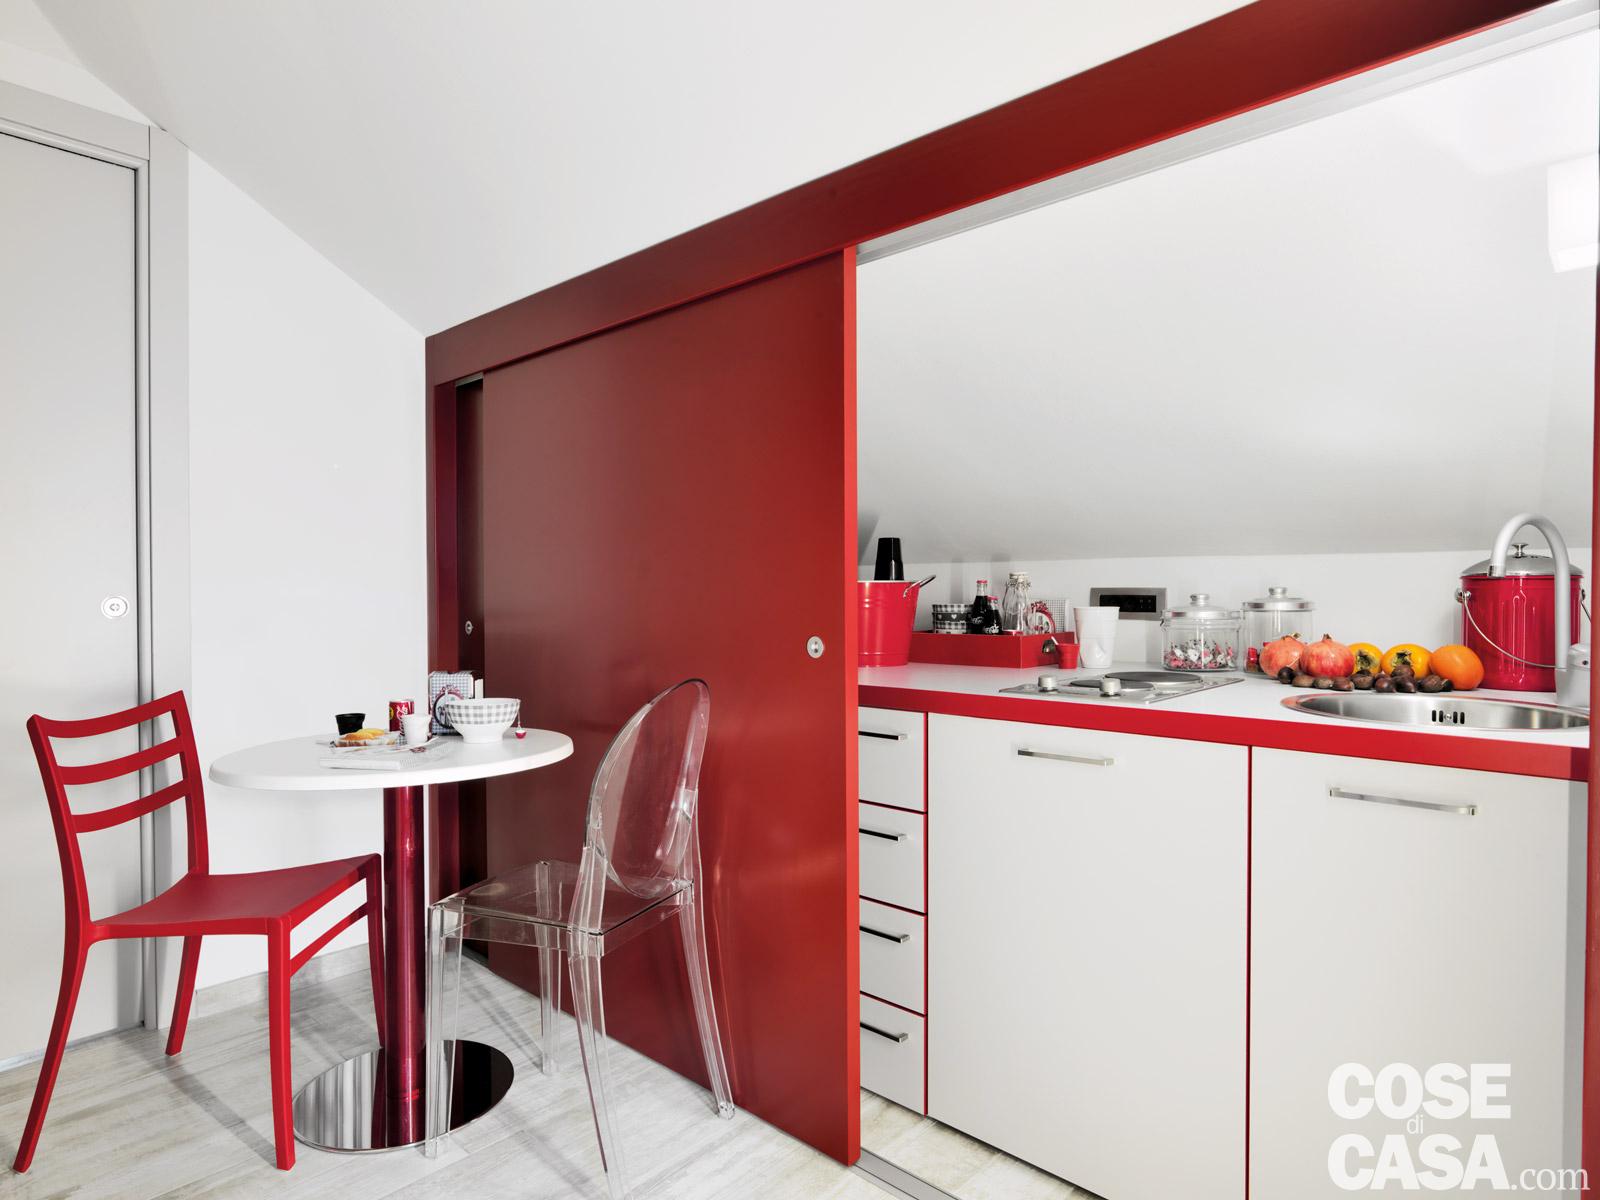 Idee per dividere gli spazi di una mansarda - Cucine per mansarde basse ...